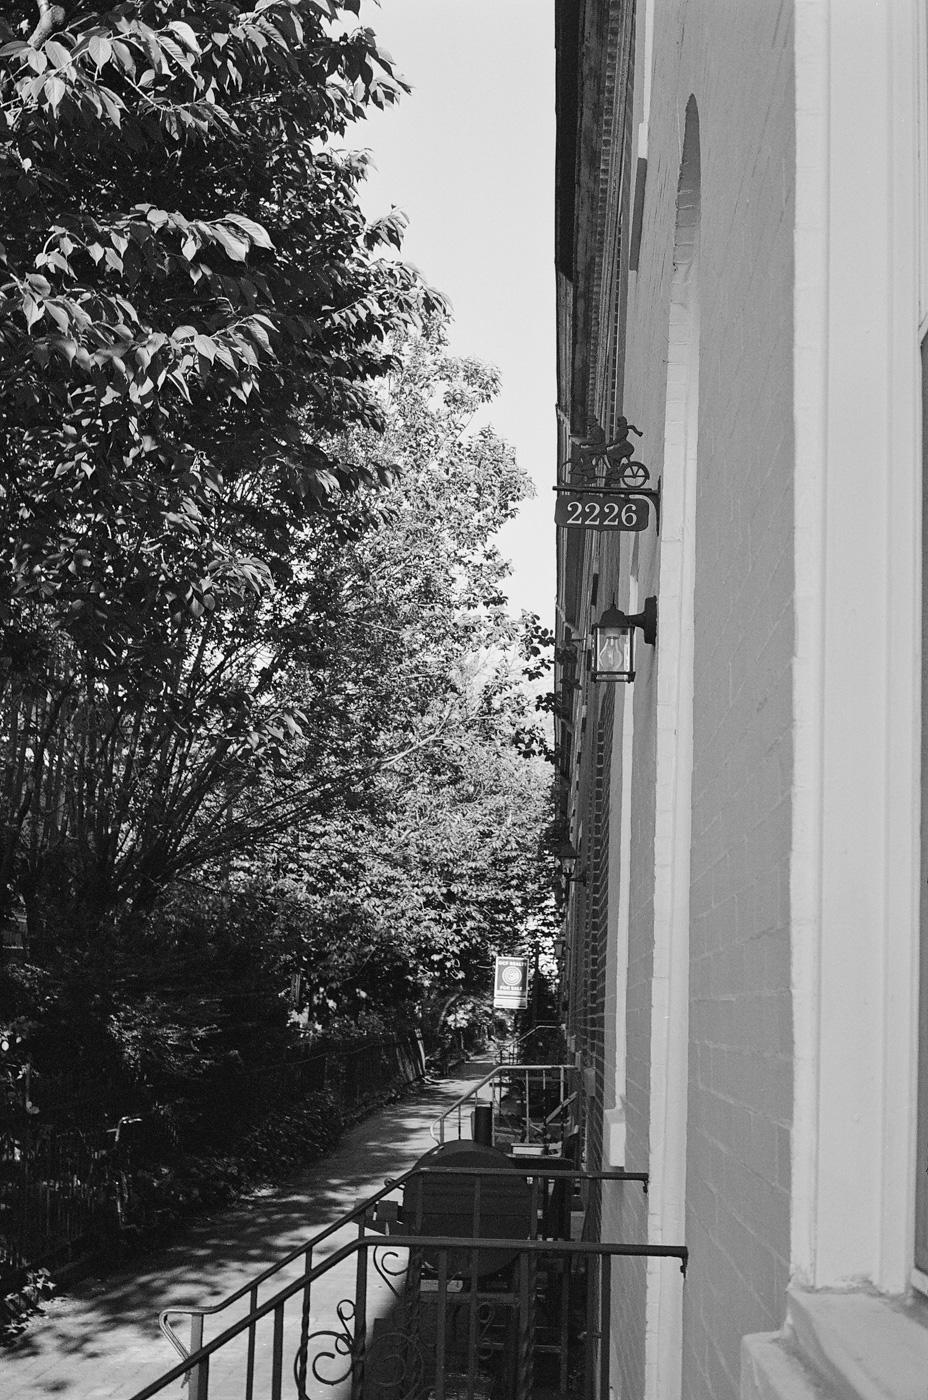 St. Albans Place